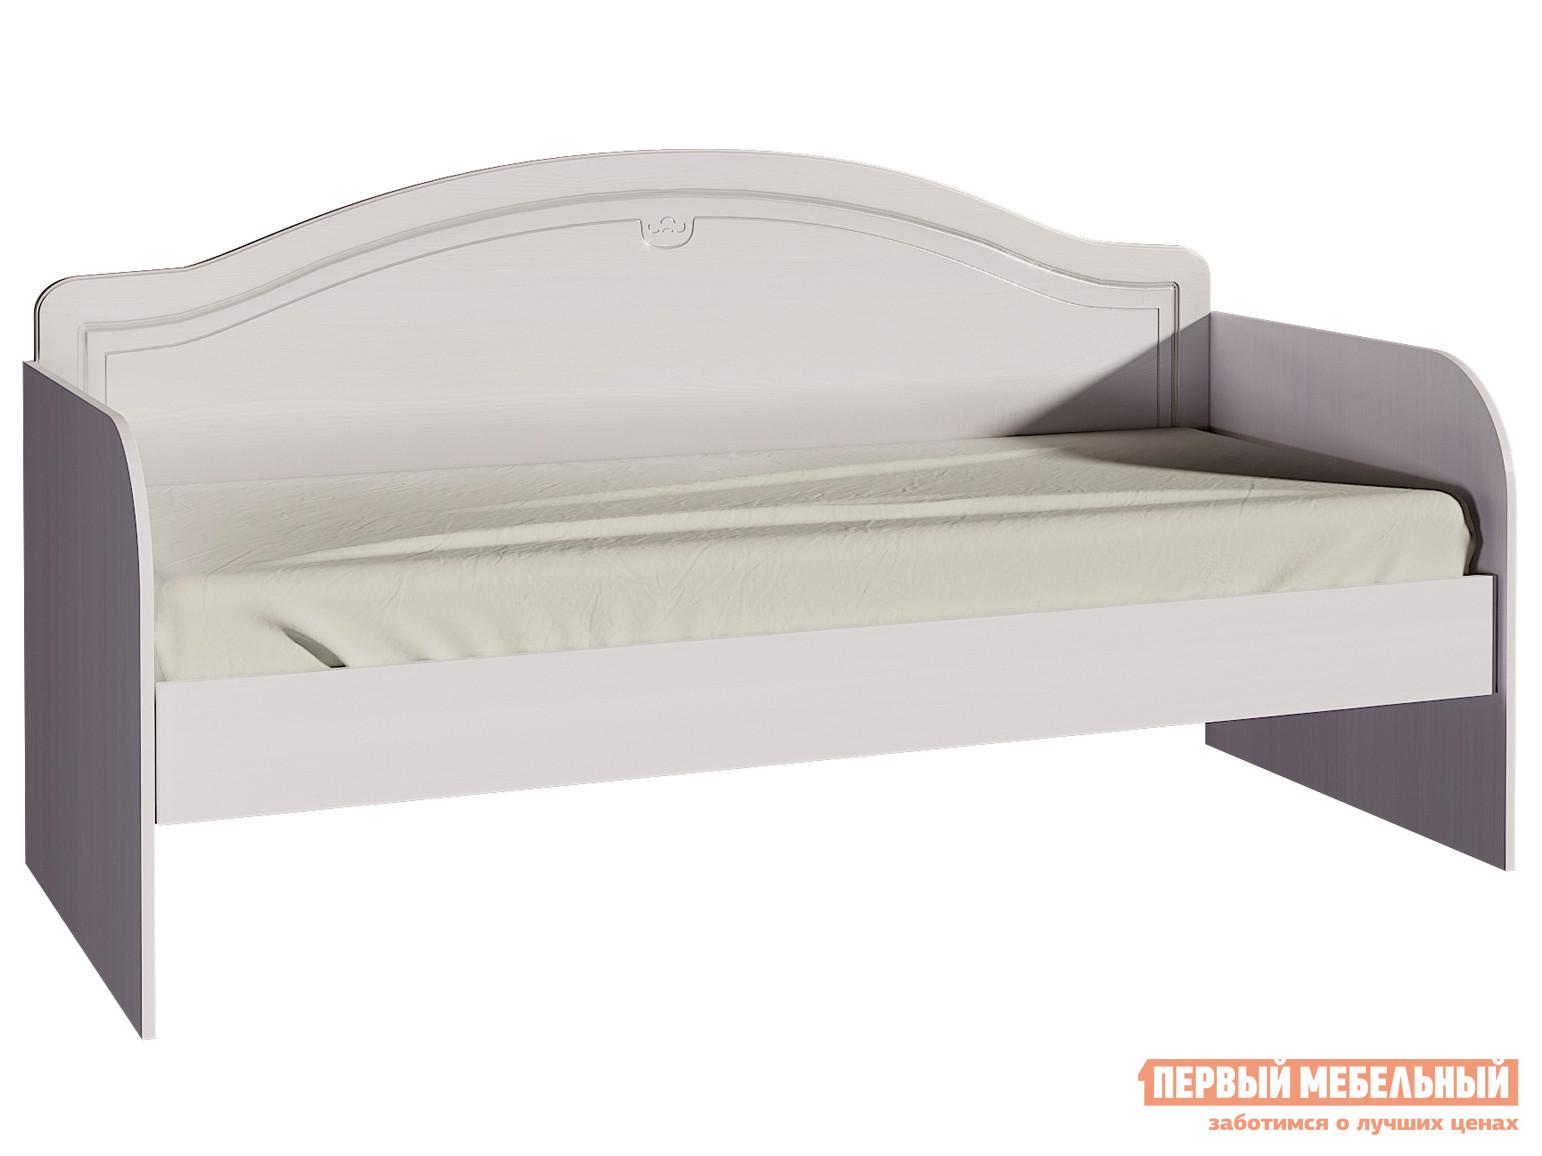 Детская кровать ТД Арника Кровать одинарная Мелания 11 цены